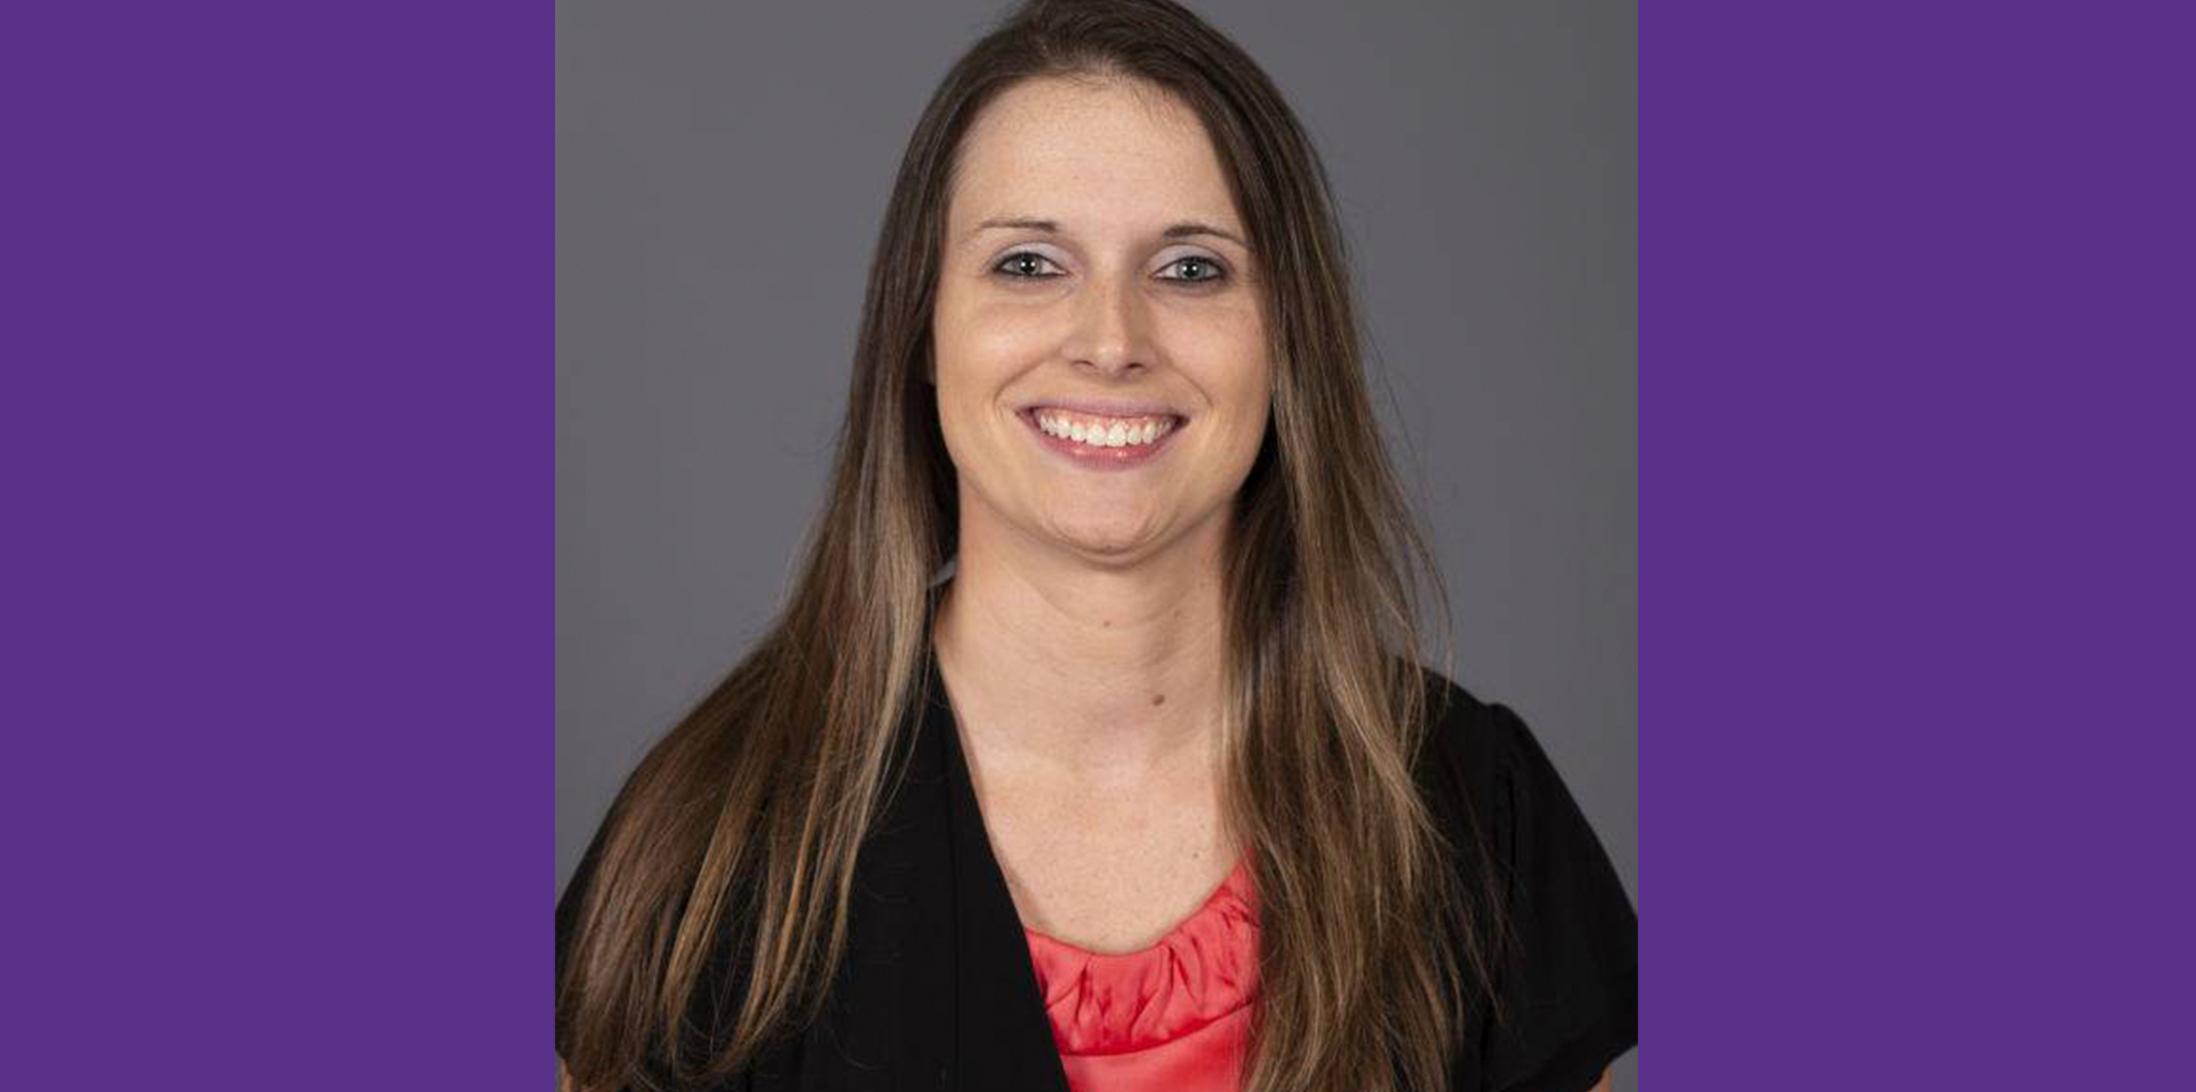 Portrait of Katie Moore